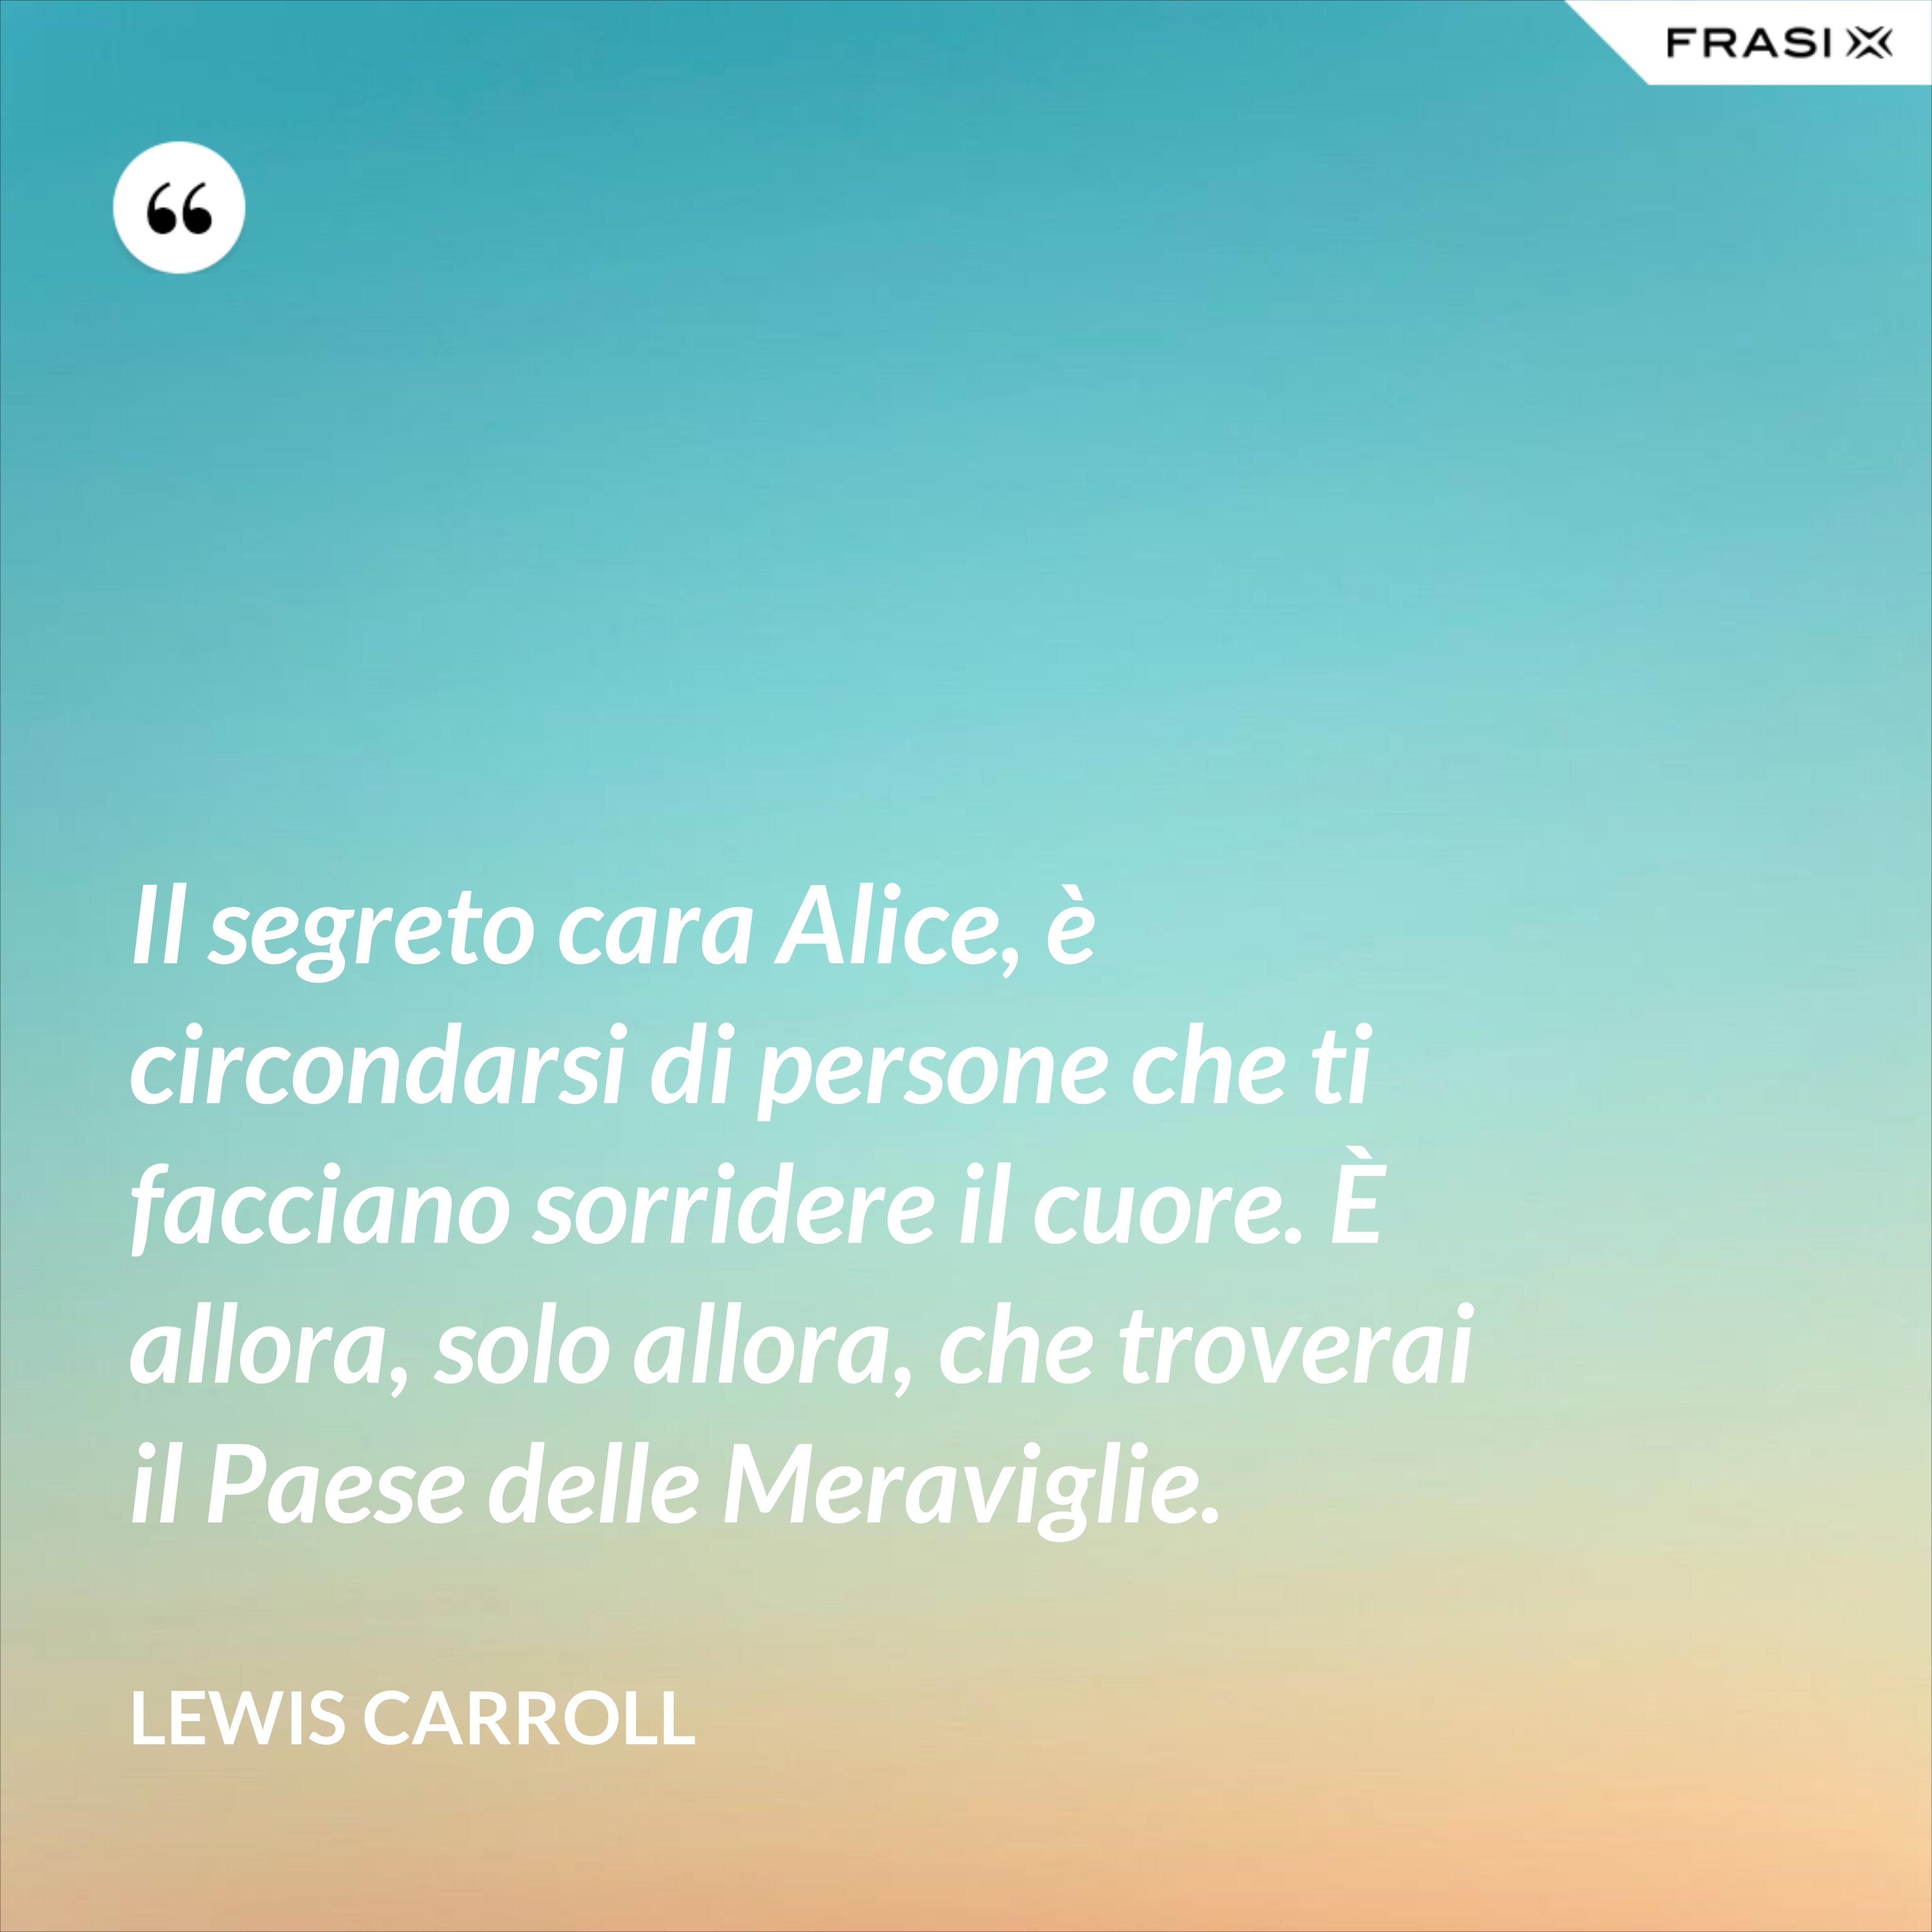 Il segreto cara Alice, è circondarsi di persone che ti facciano sorridere il cuore. È allora, solo allora, che troverai il Paese delle Meraviglie. - Lewis Carroll